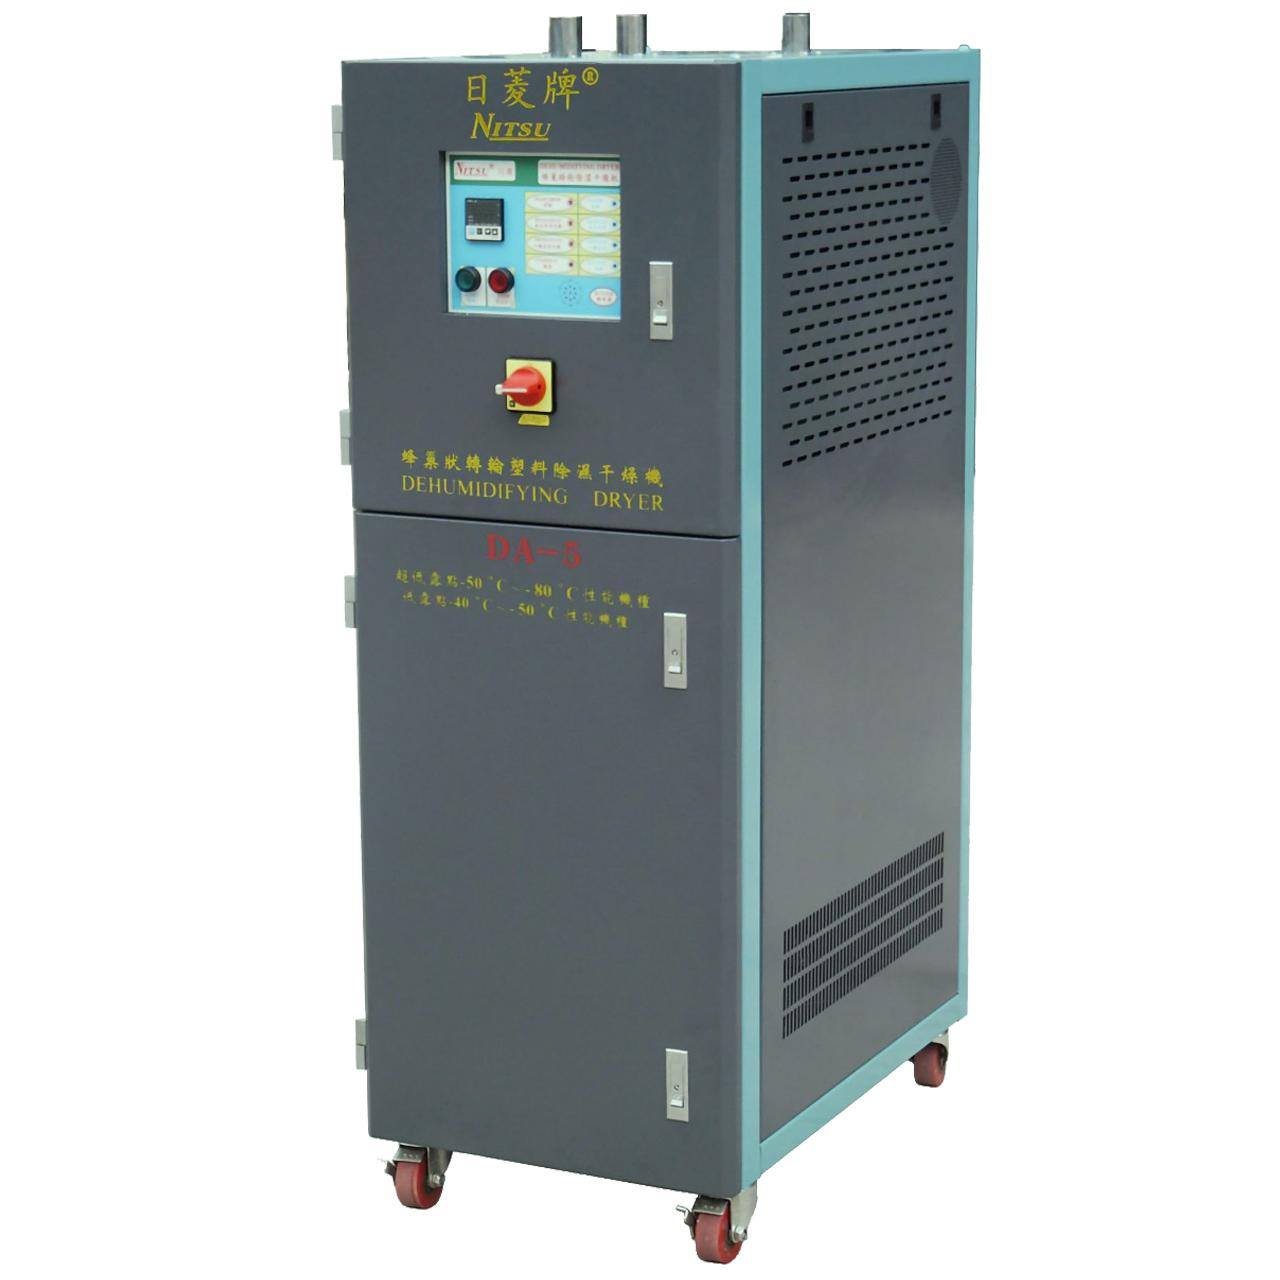 Dehumudifier-SSCR Honeycomb Rotor (DA-5)-wglm (05 B)